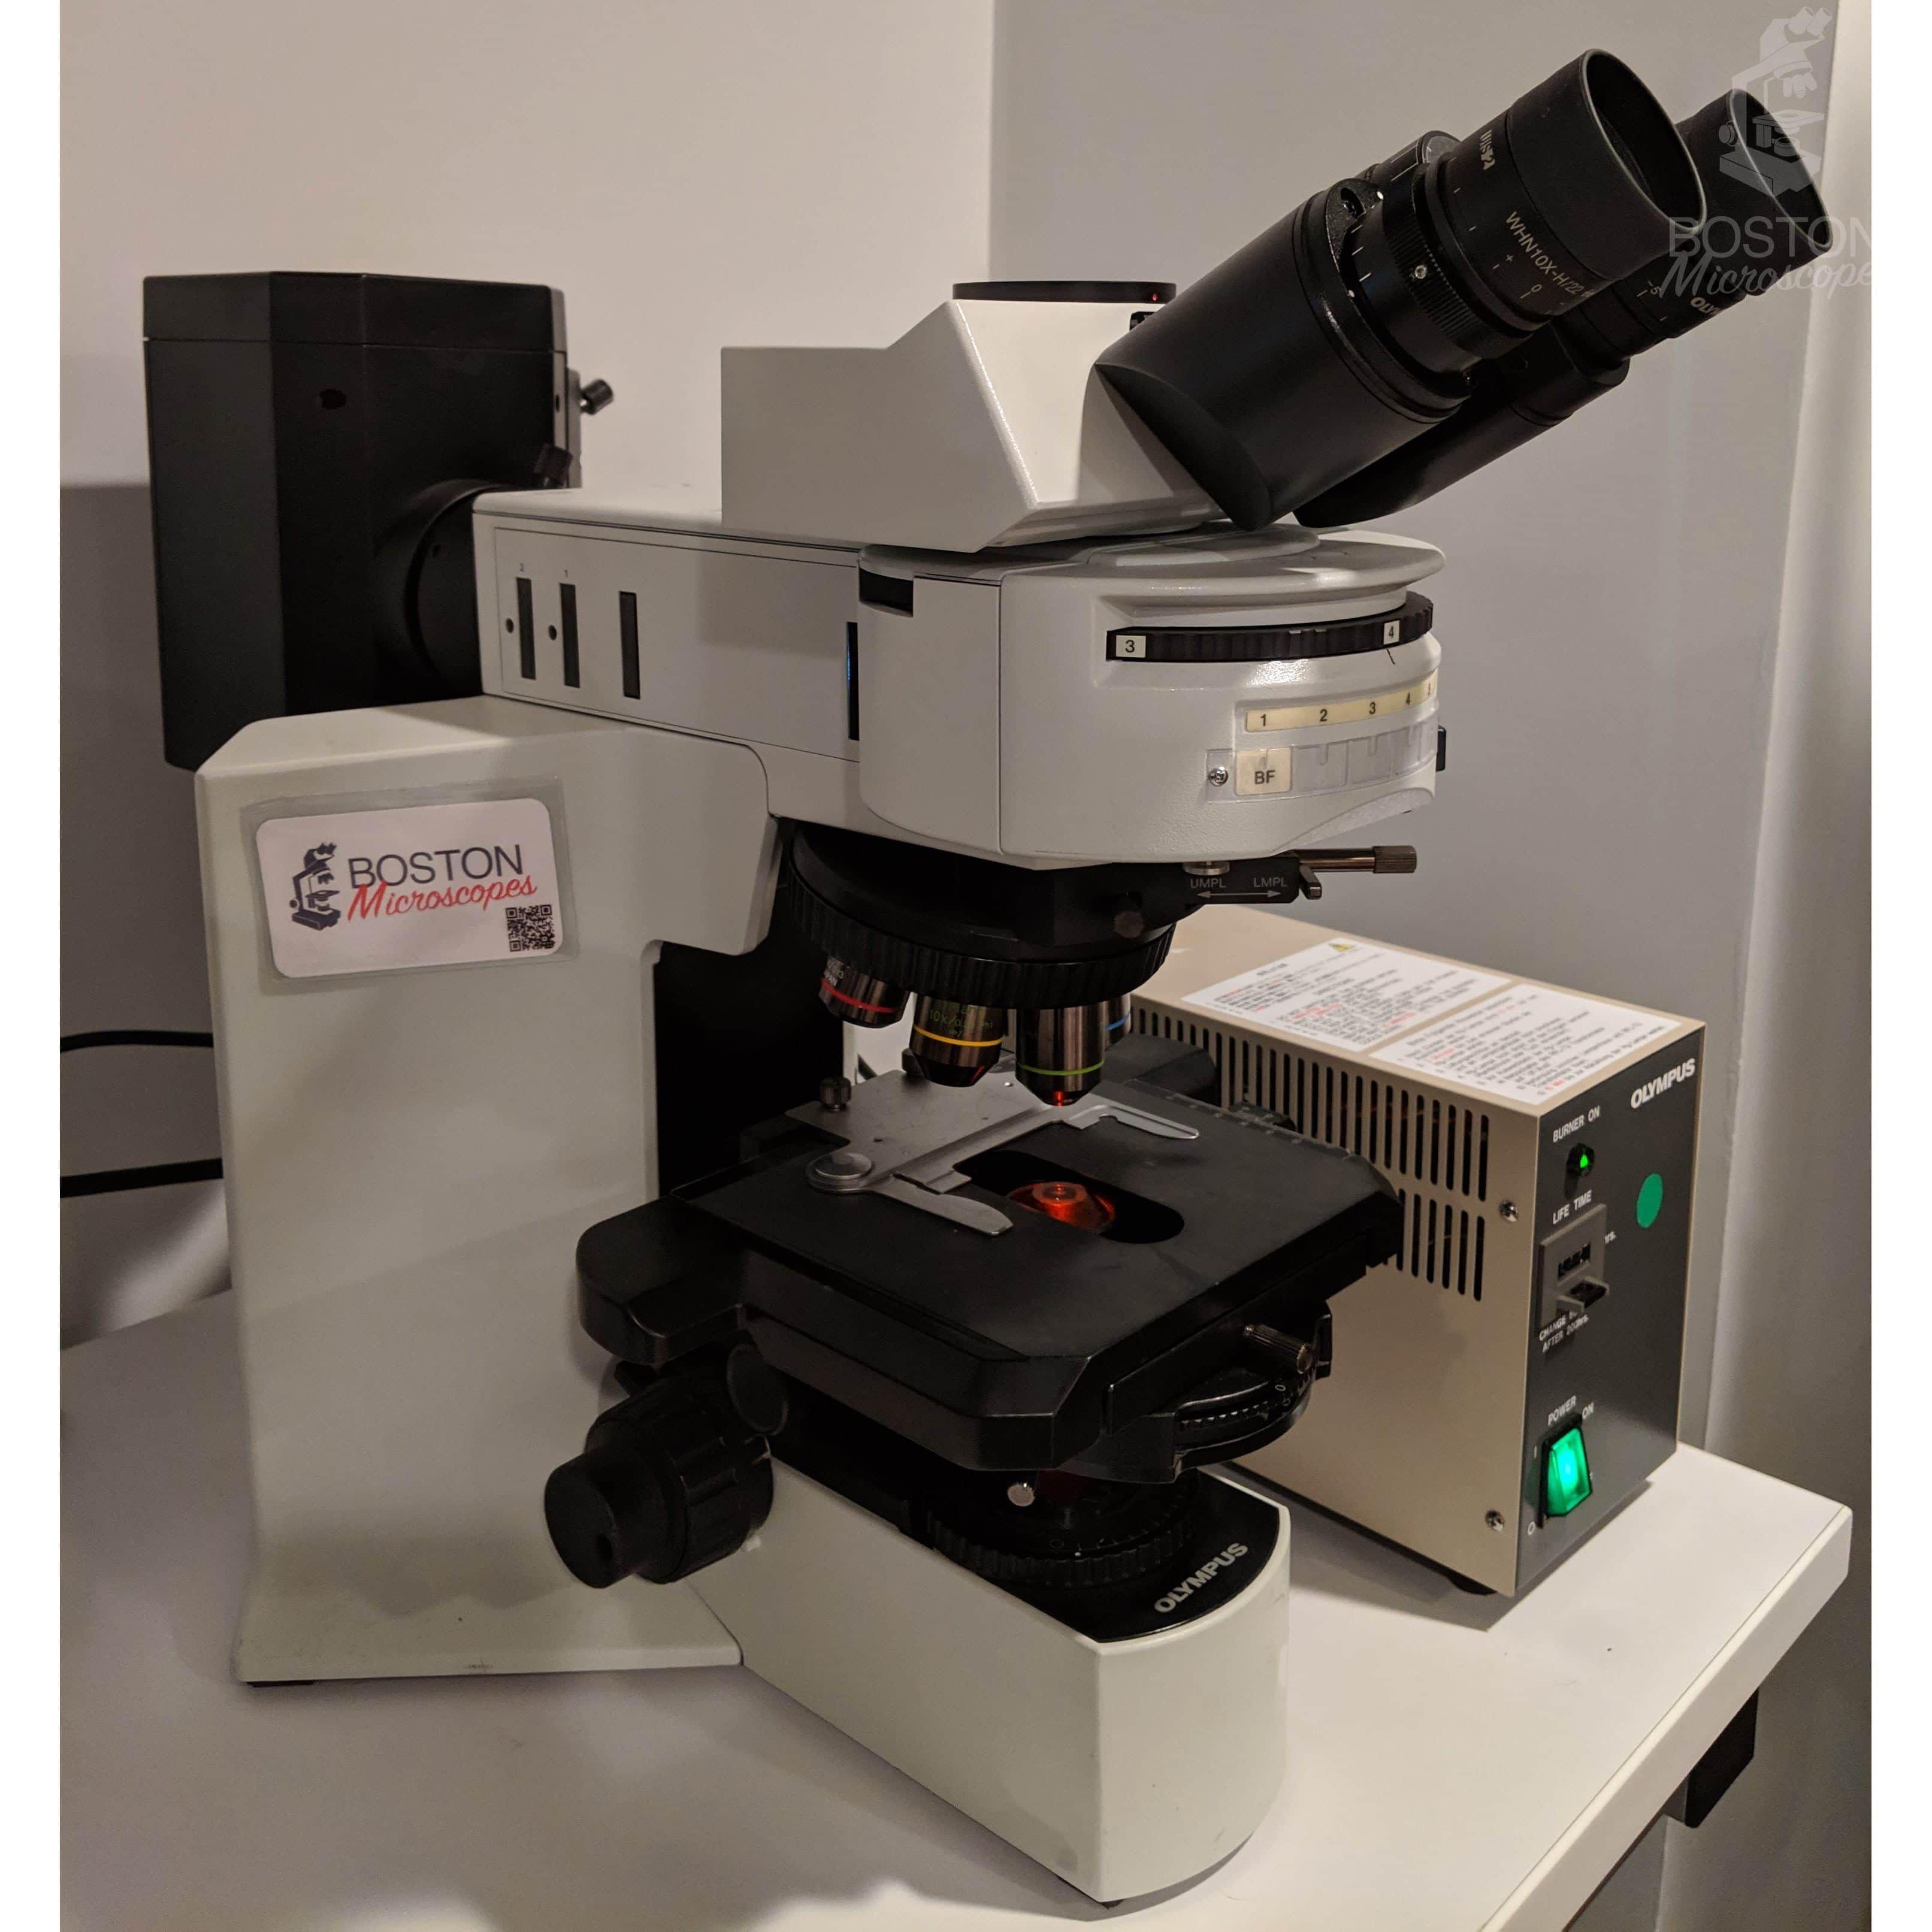 Olympus BX51 Trinocular Phase Contrast Fluorescence Upright Microscope w/ Polarizer and Analyzer